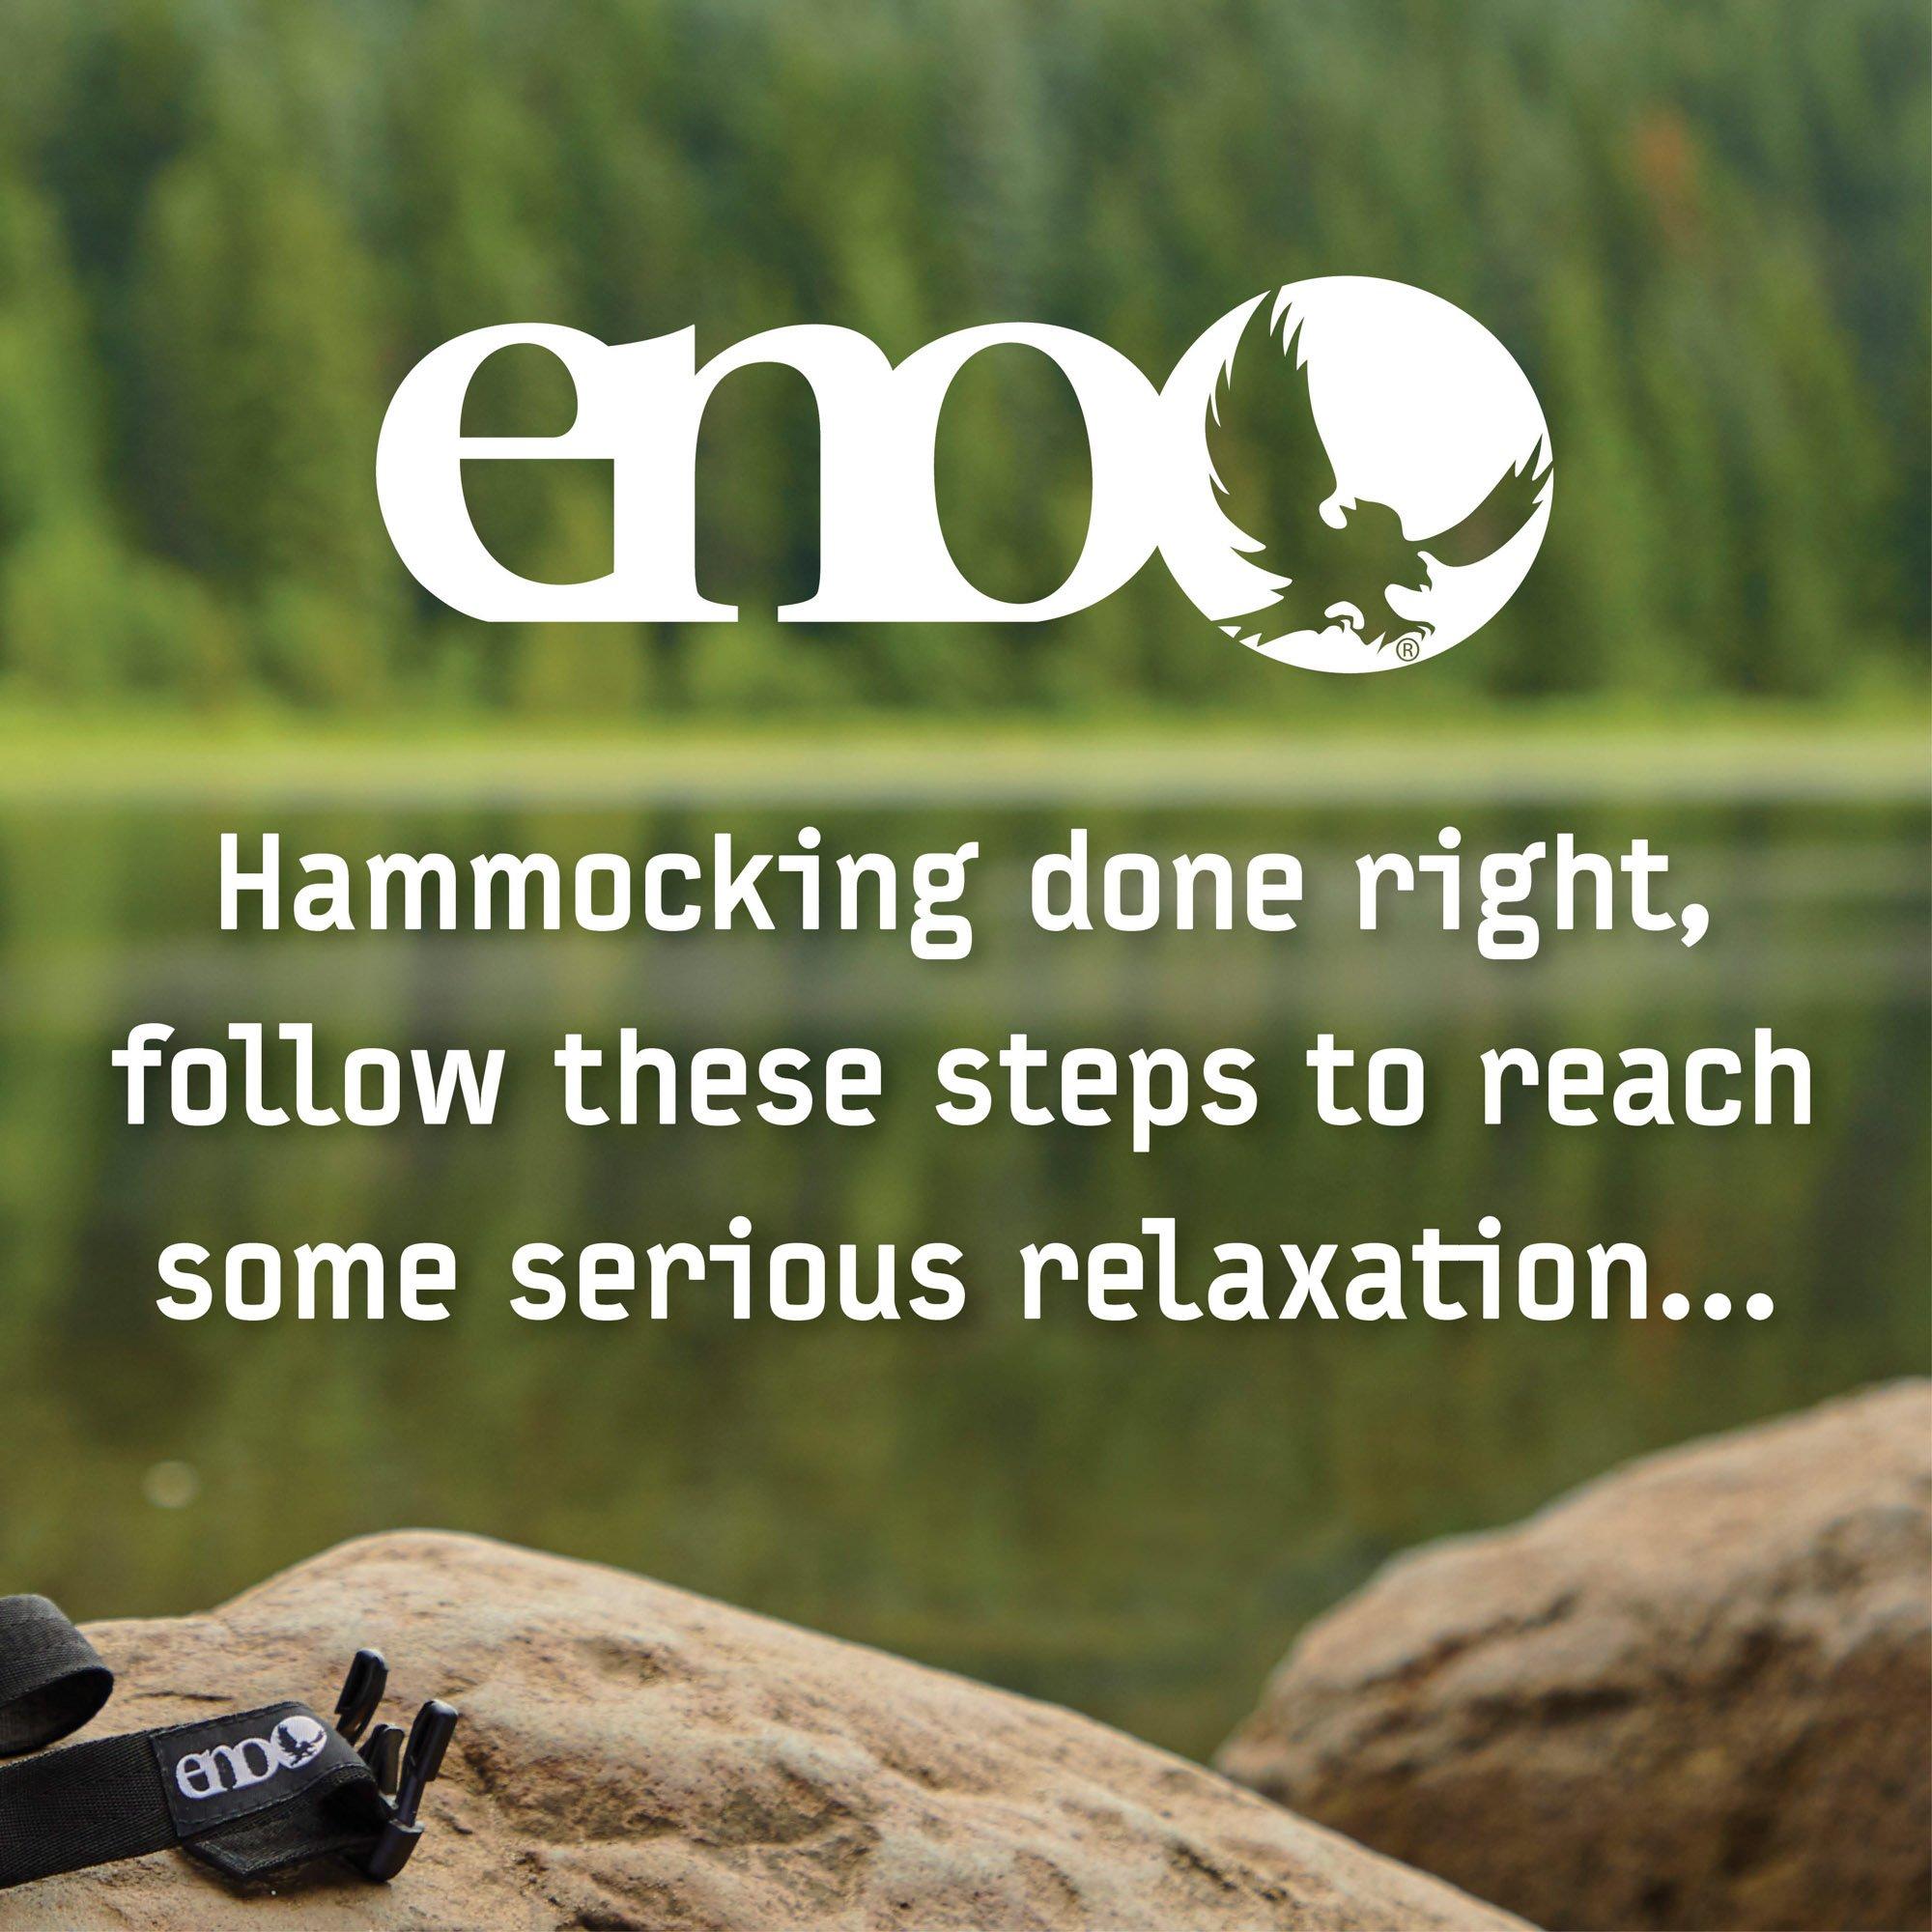 singlenest teal rei single setup hammock review eno ebay purple